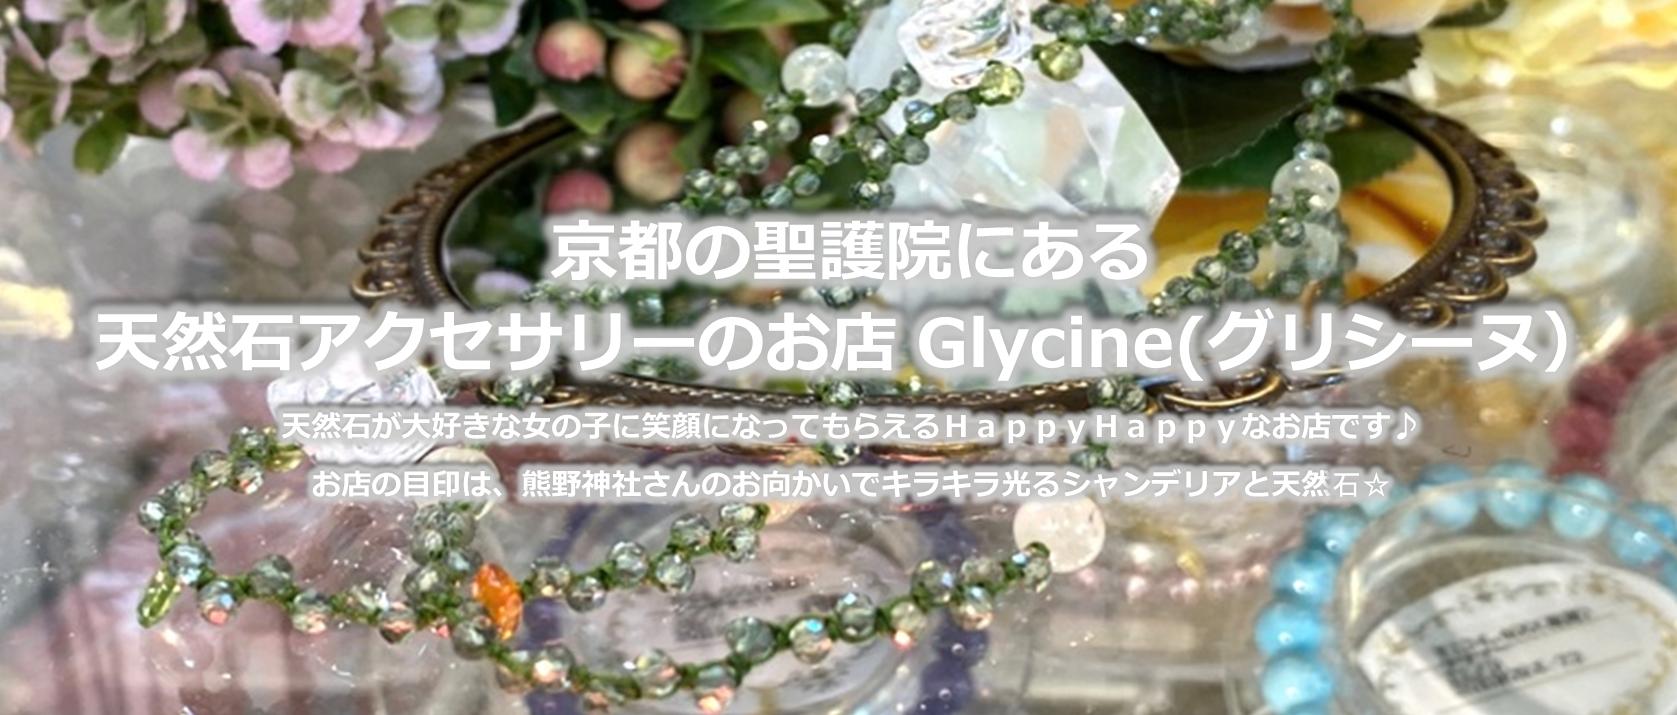 京都の聖護院にあるGLYCINE(グリシーヌ)天然石アクセサリーのお店